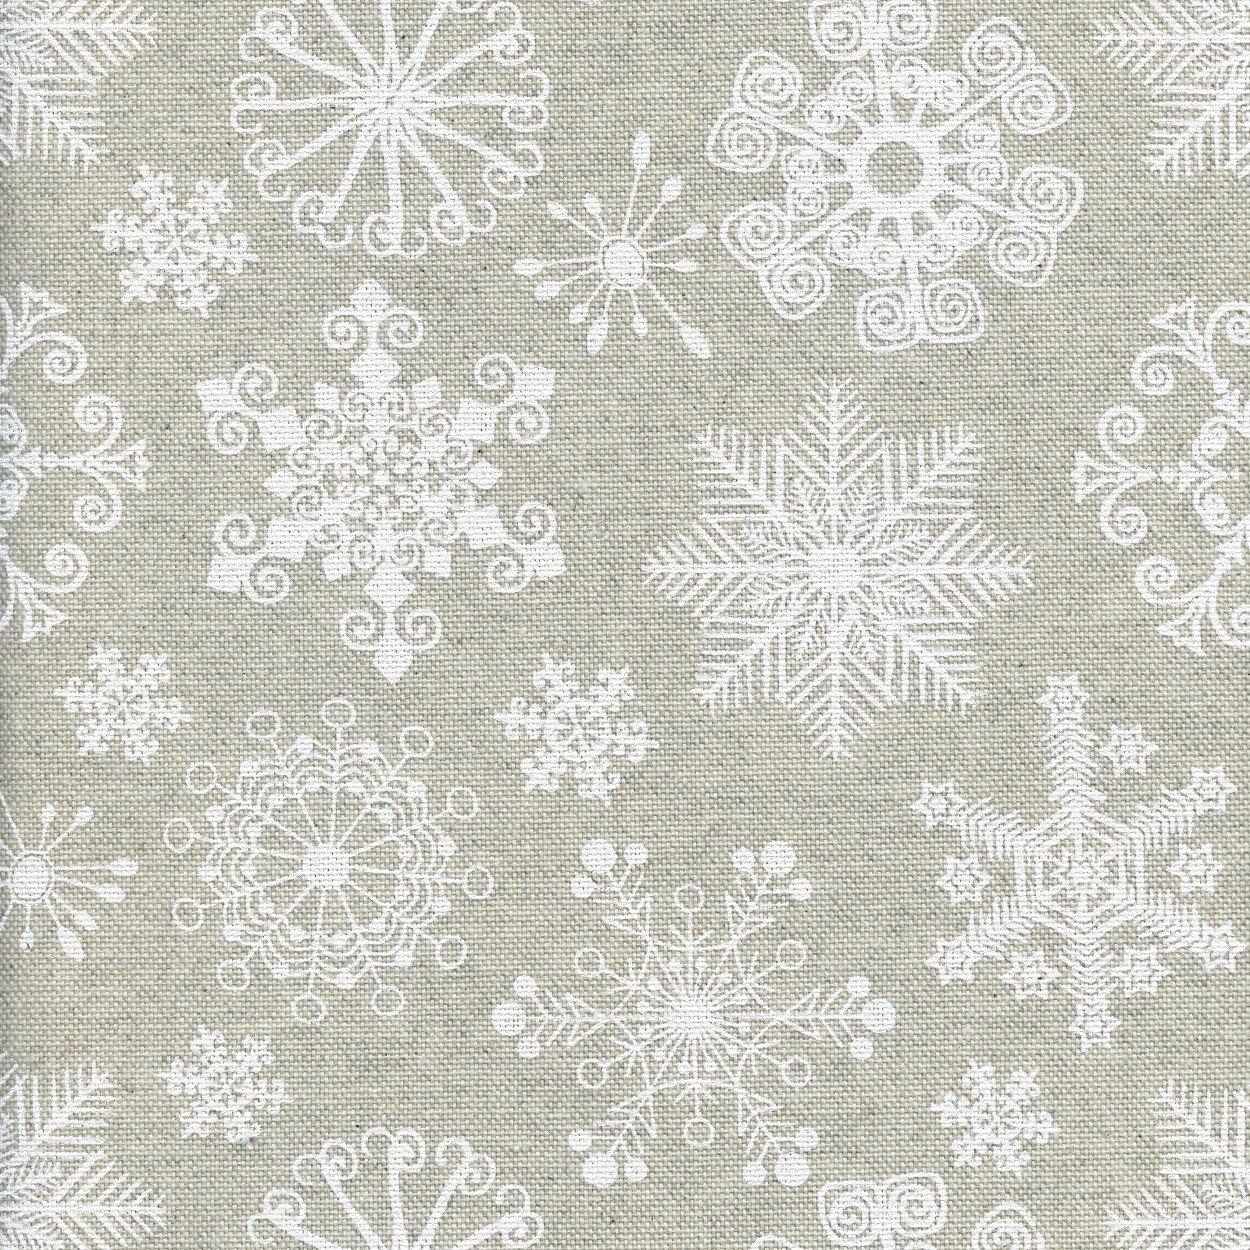 1 metro tela Navidad con con copos de nieve blancos intrincados sobre un fondo de color lino crudo Tela Maravillas del invierno ancho: 155 cm